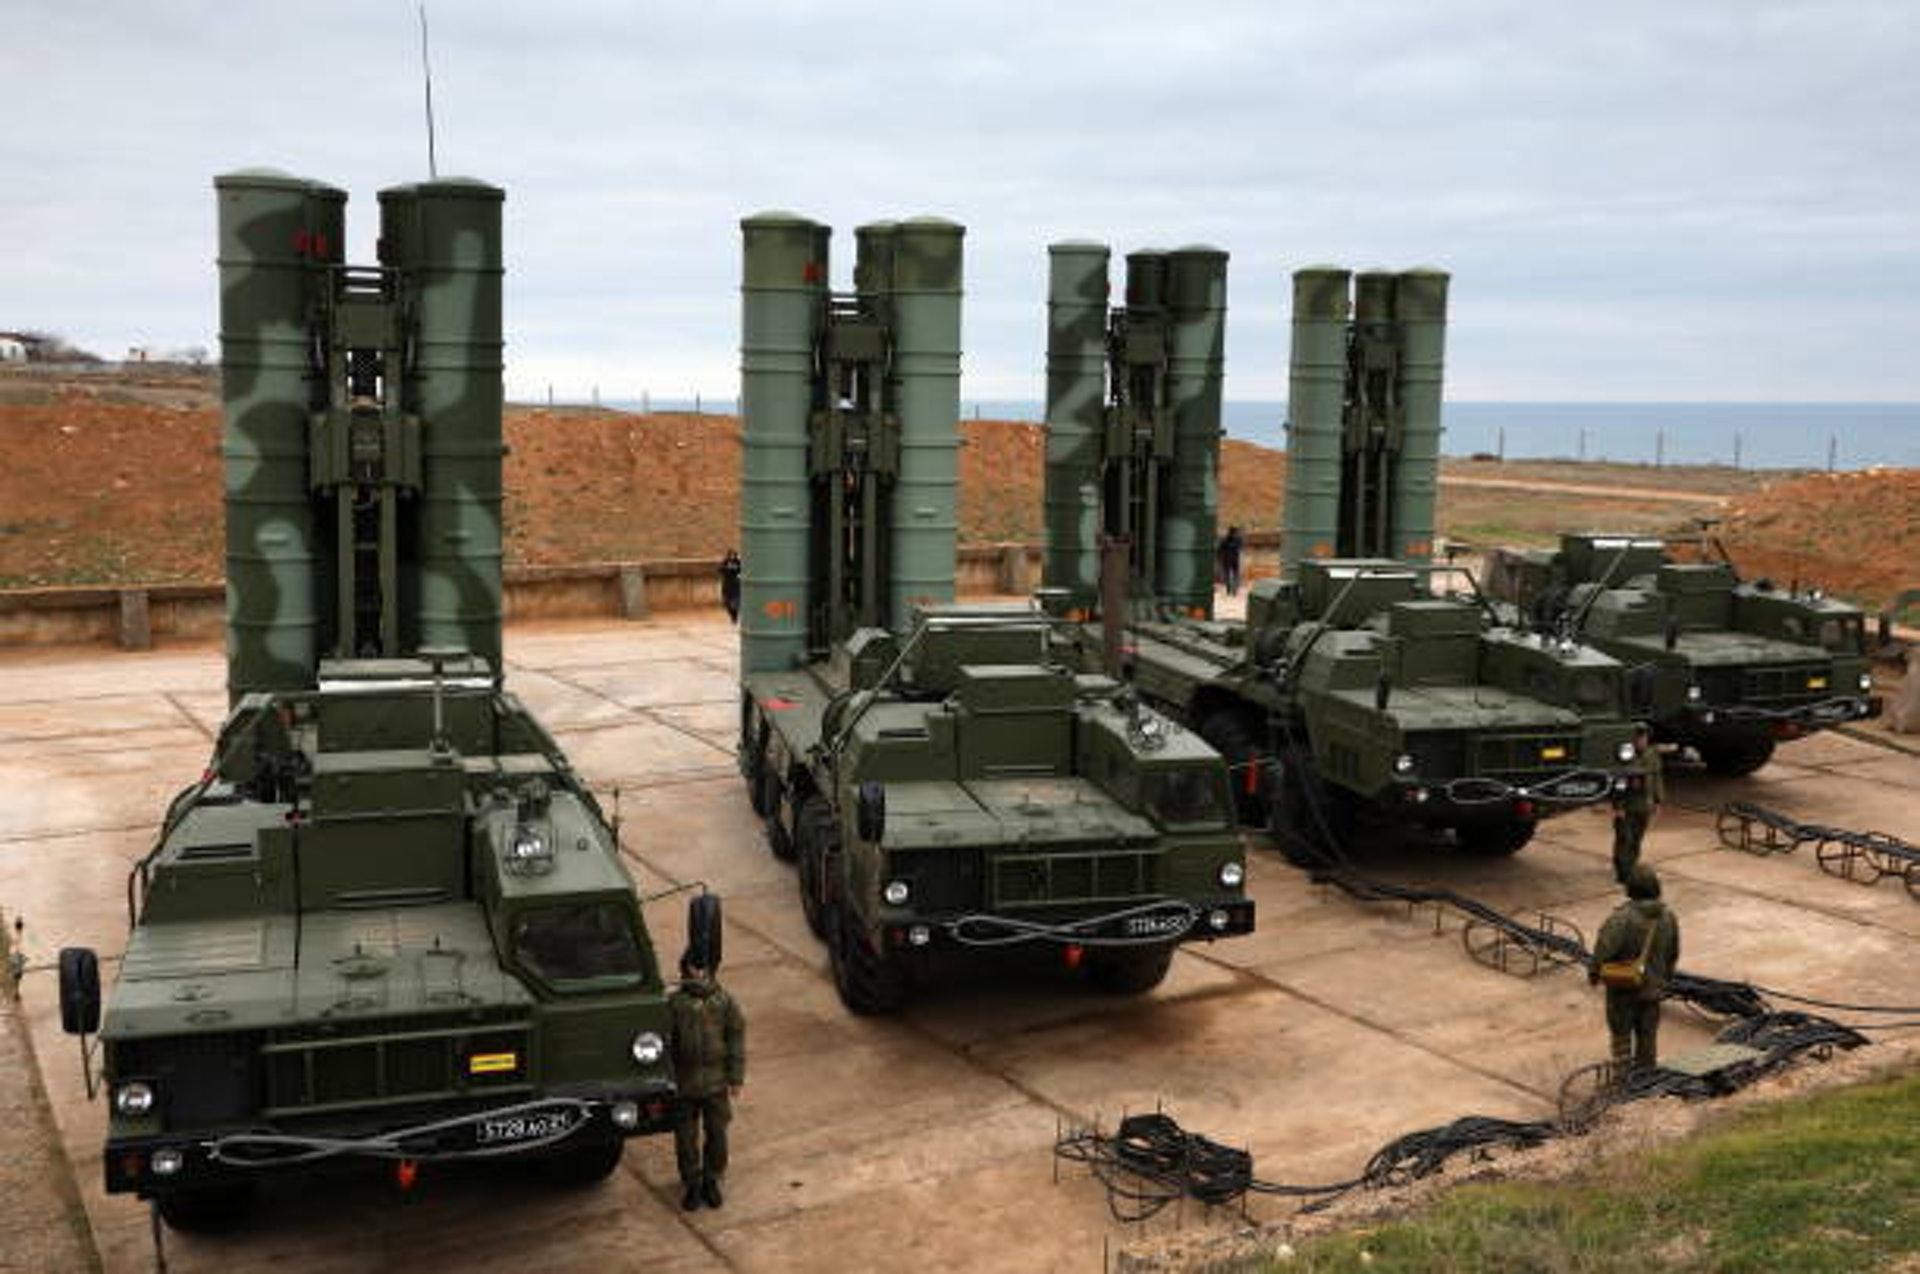 2018年1月13日,克里米亞塞瓦斯托波爾, 俄羅斯南部軍區導彈團的S-400 Triumf 系統正在執行常規戰備任務。這套當今世界最為先進的俄製反導系統,成為俄羅斯軍事硬權力的重要象徵之一。(GettyImages)